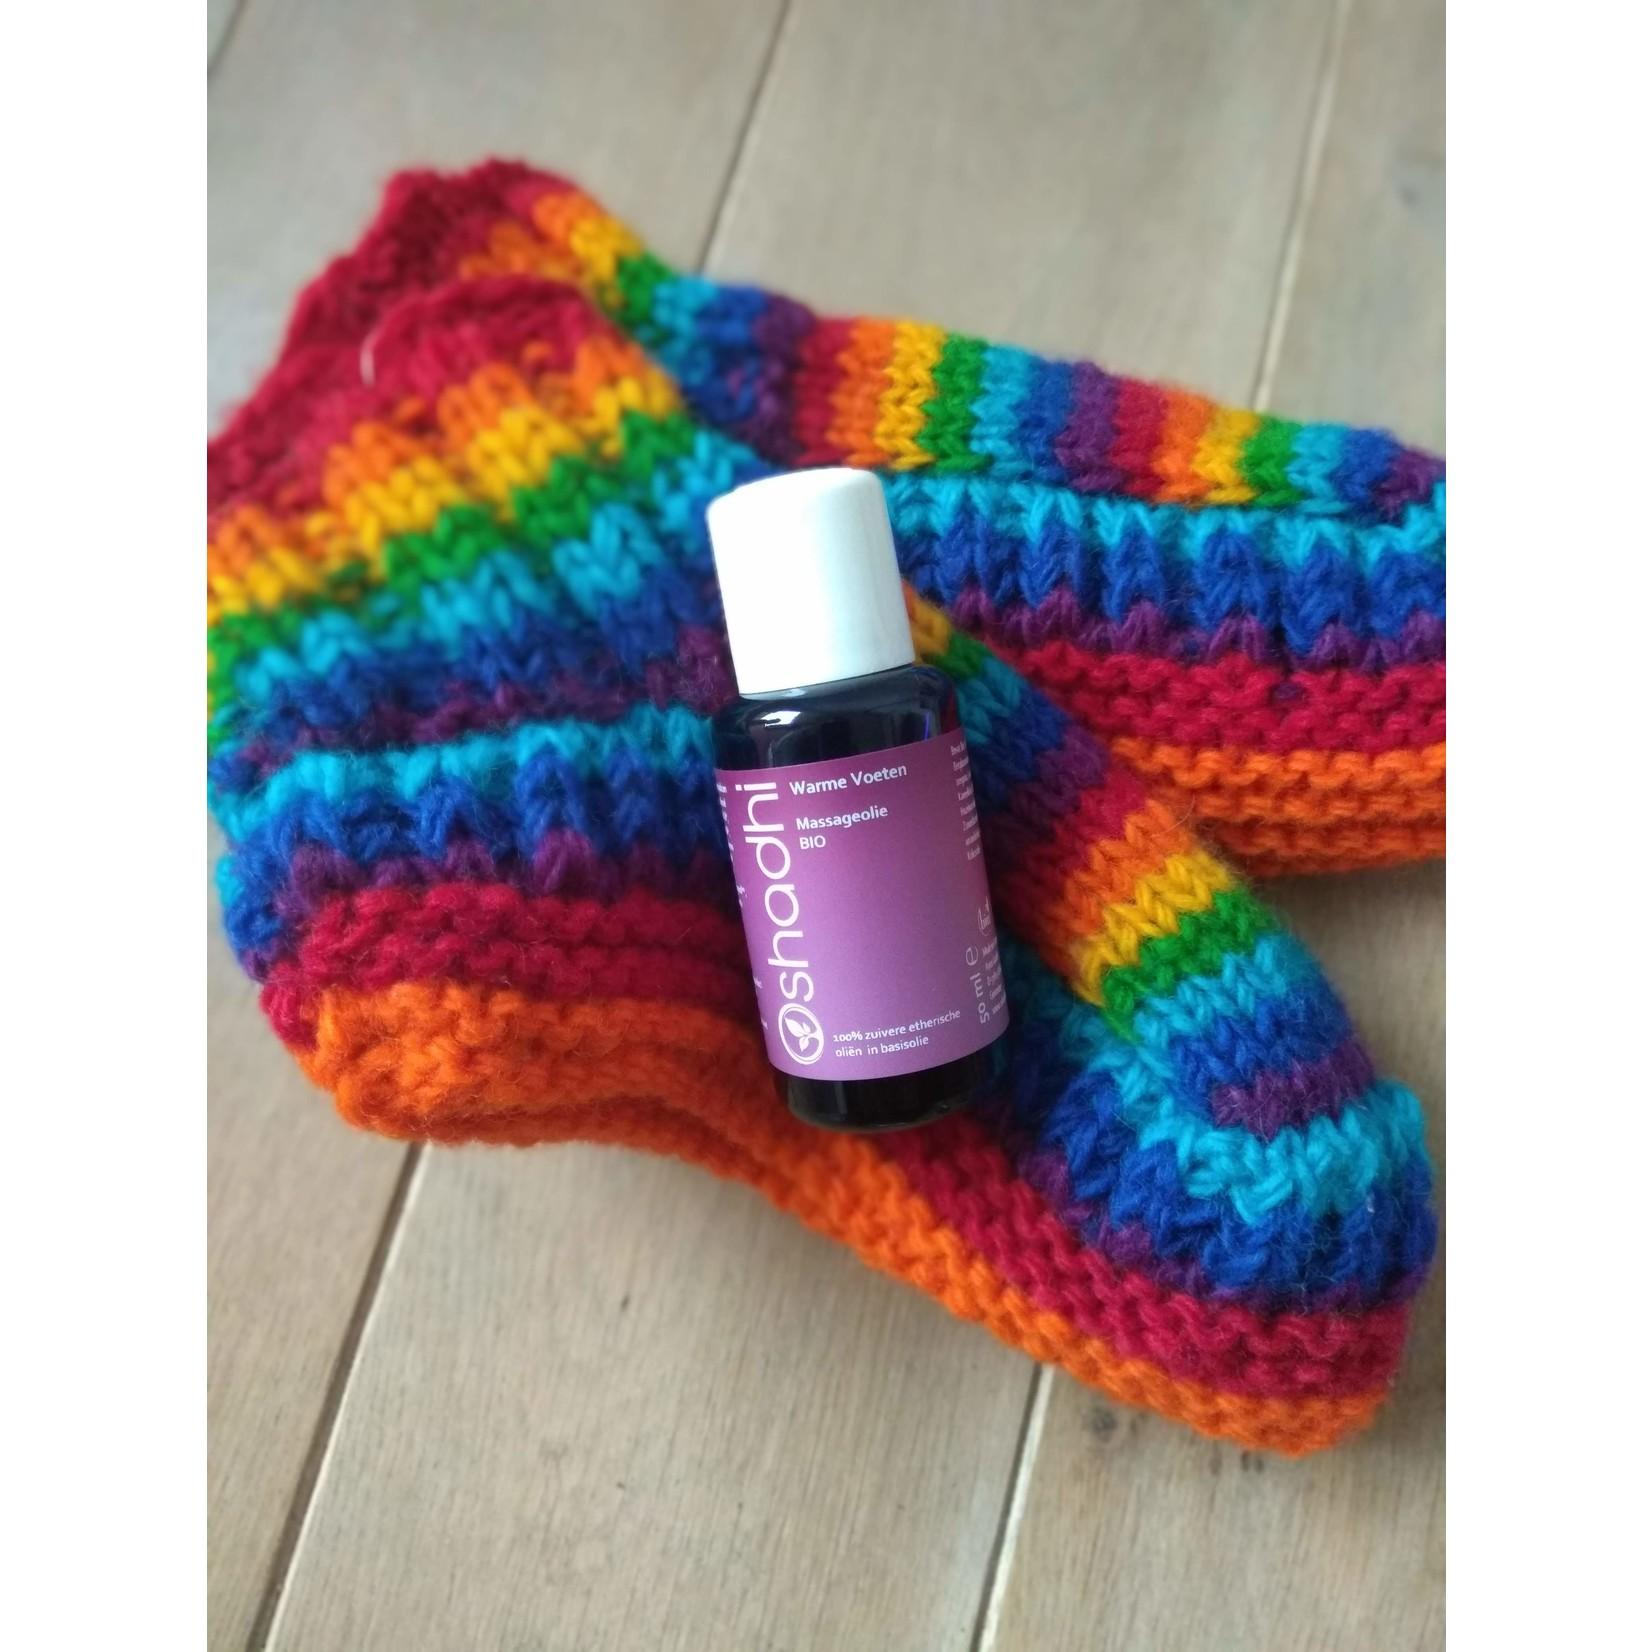 Nooit-meer-koude-voeten-pakket met de warme voetenolie & wollen sokjes